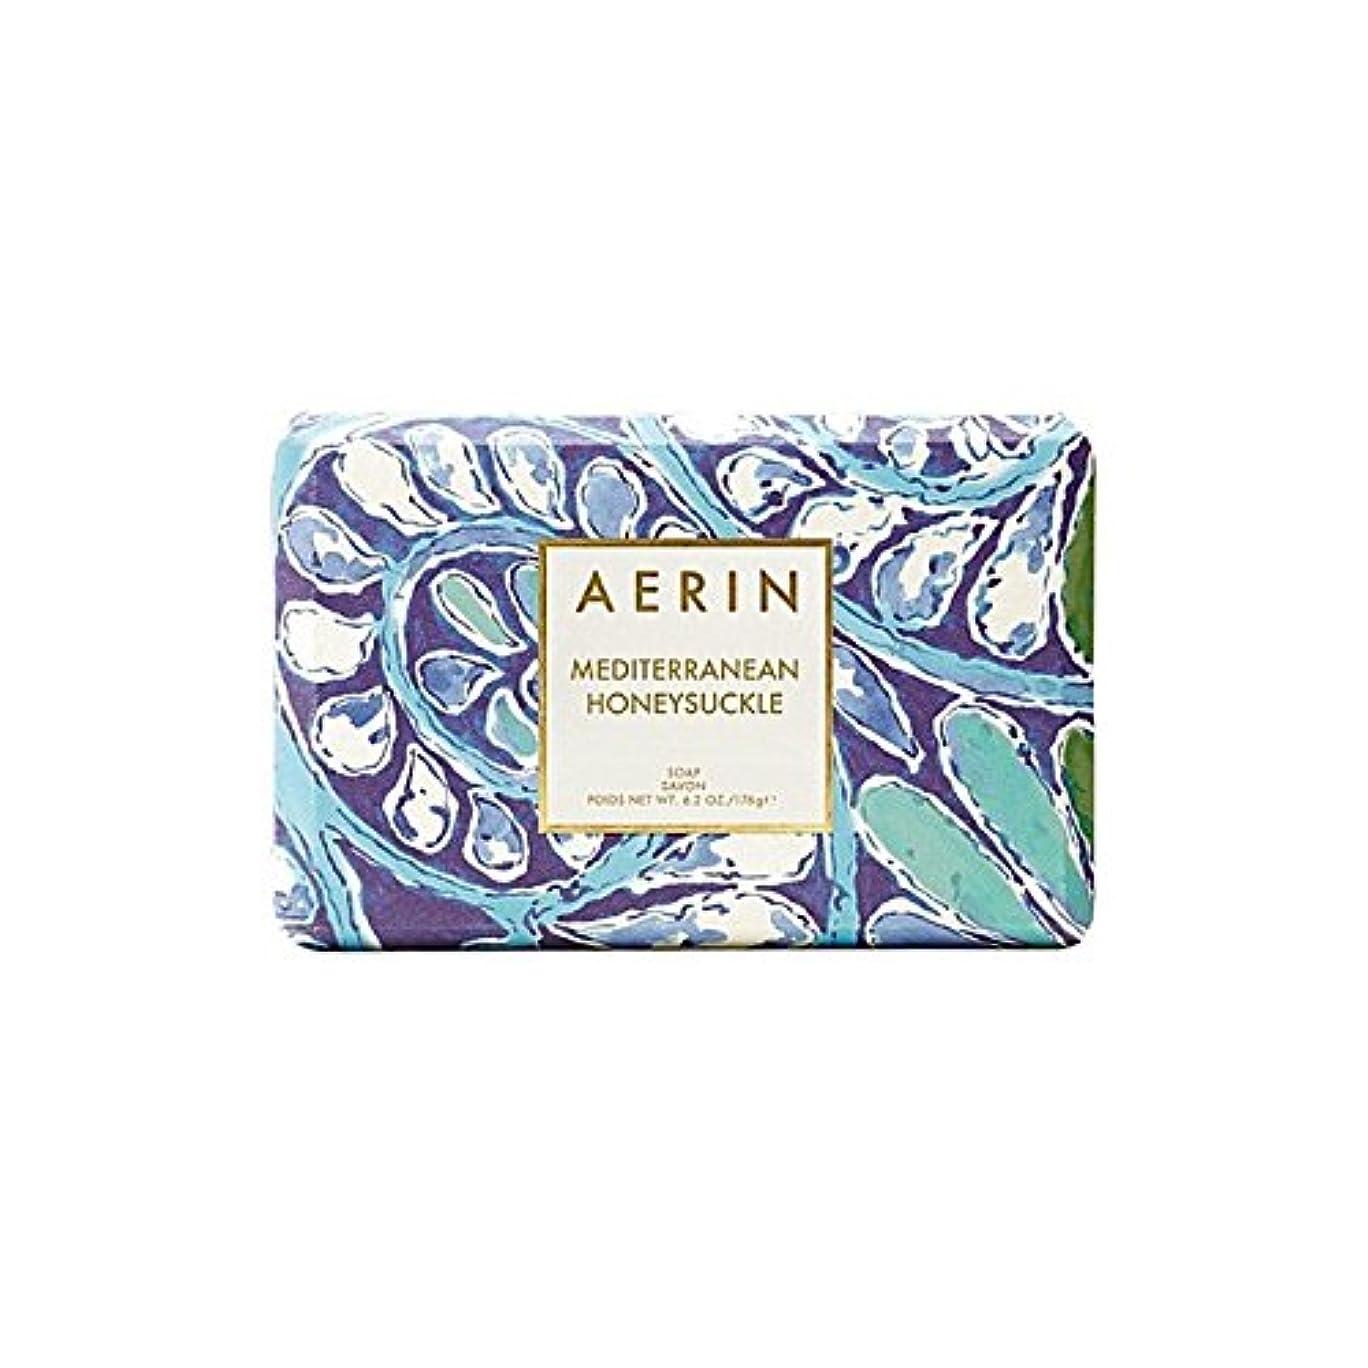 Aerin Mediterrenean Honeysuckle Bar Soap 176G (Pack of 6) - スイカズラ固形石鹸176グラム x6 [並行輸入品]